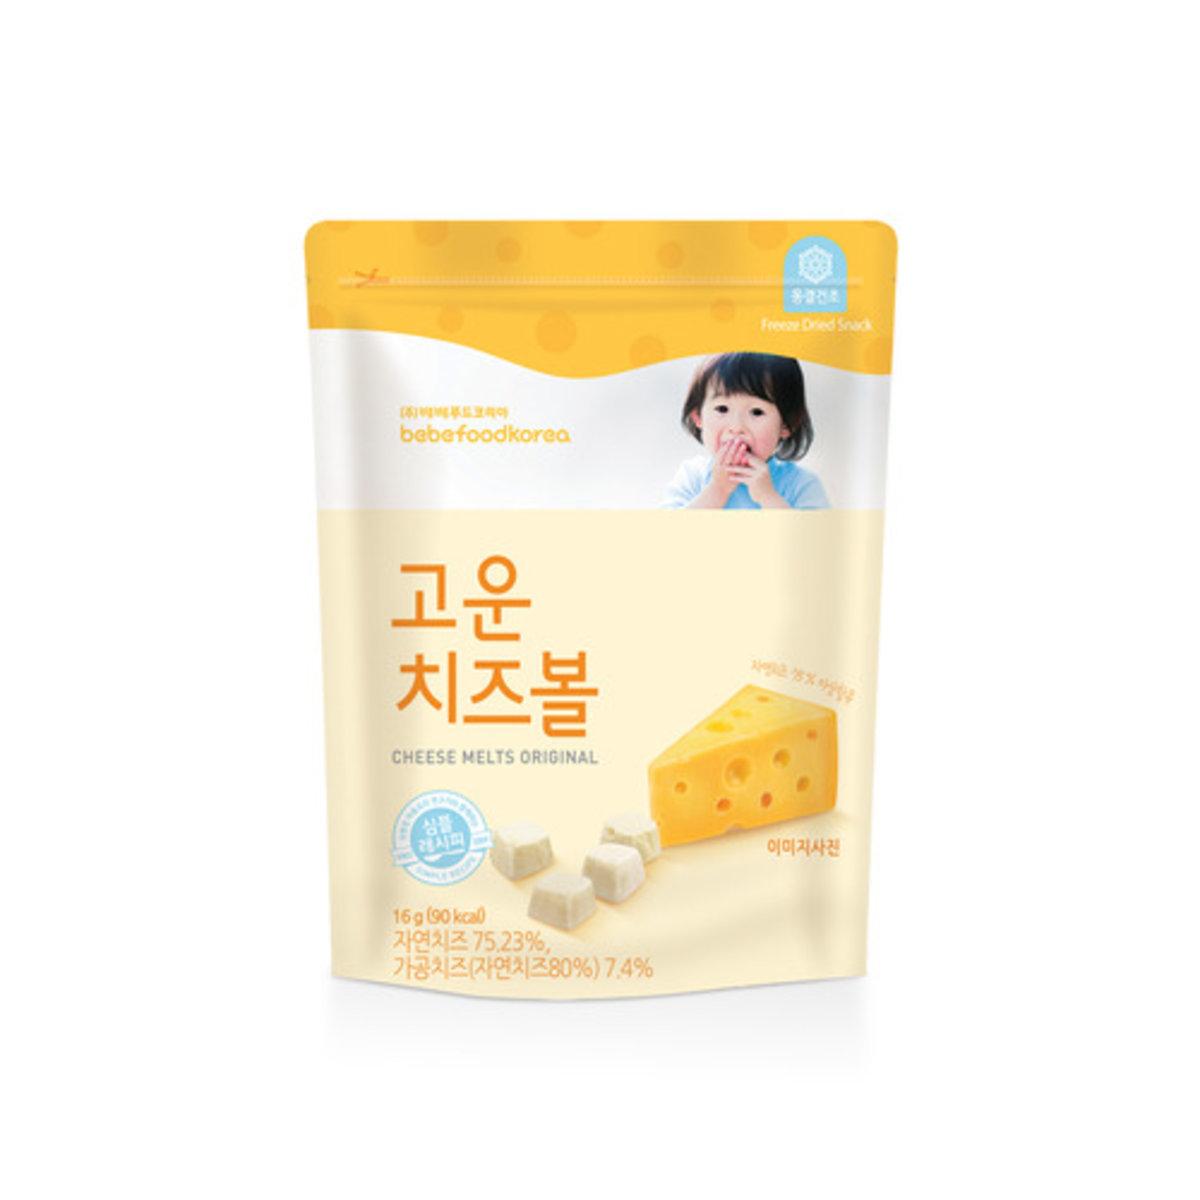 奶酪溶豆(原味) (平行進口)